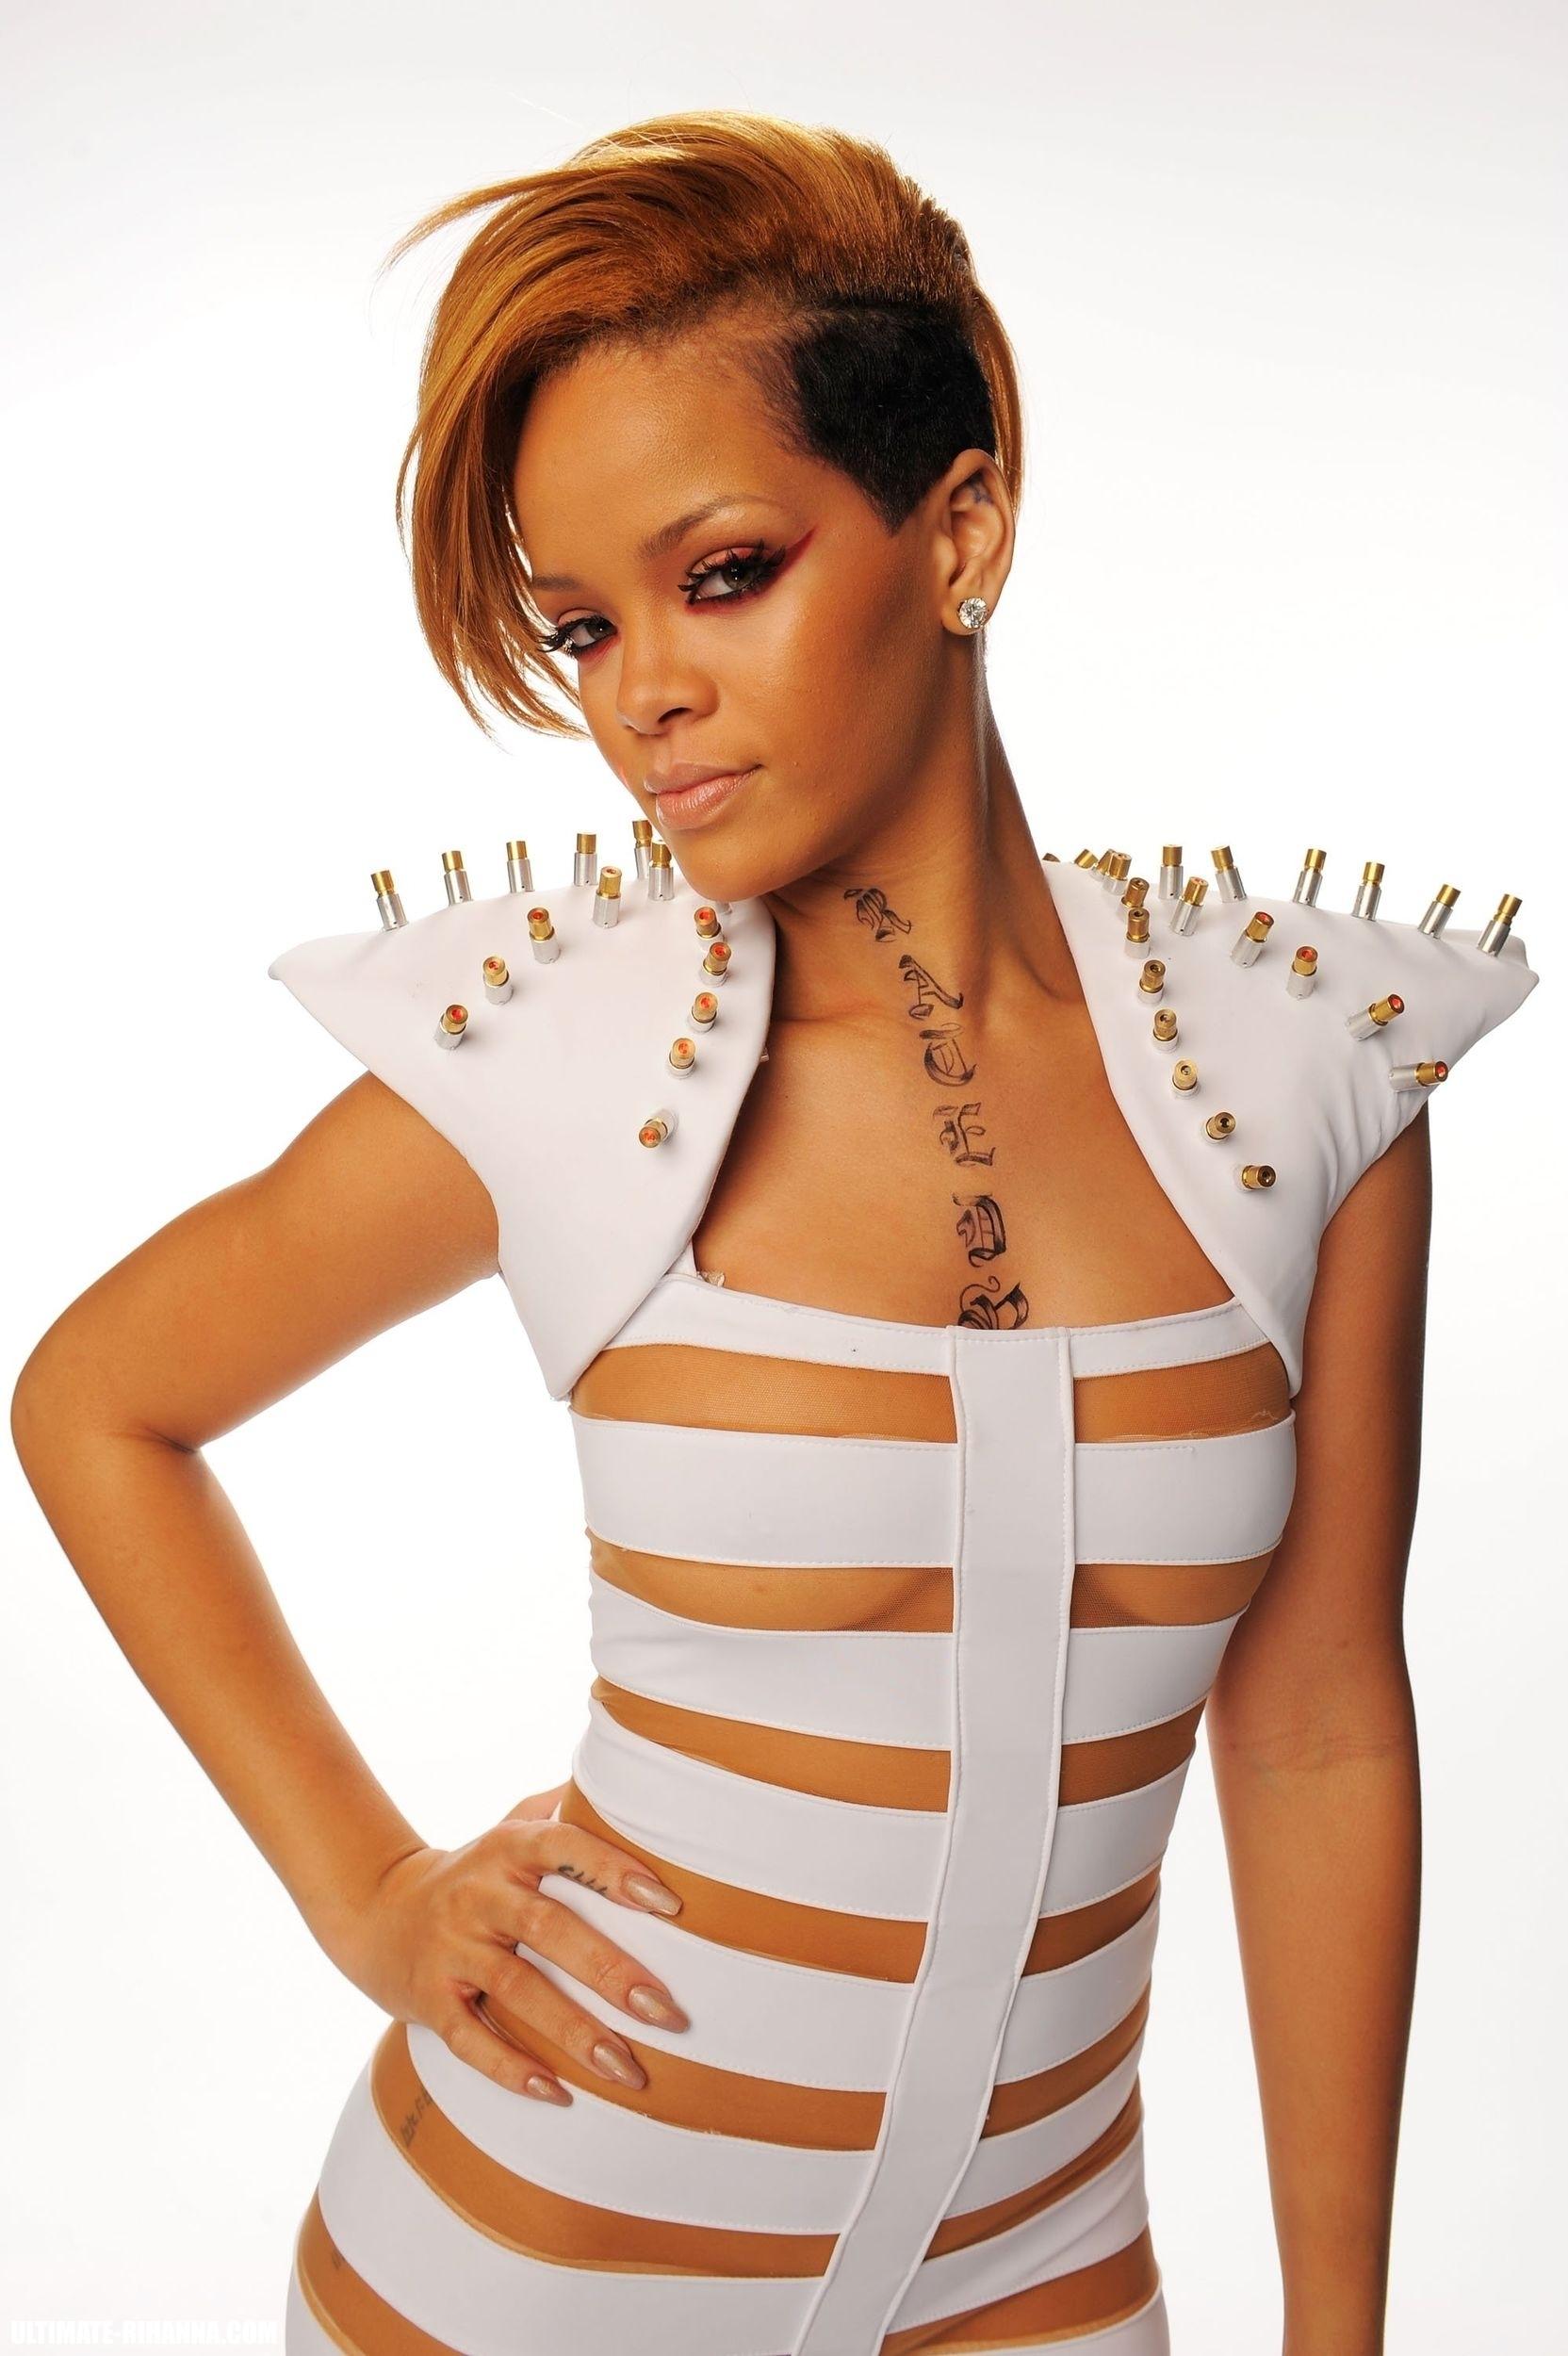 Rihanna – rihanna Photo